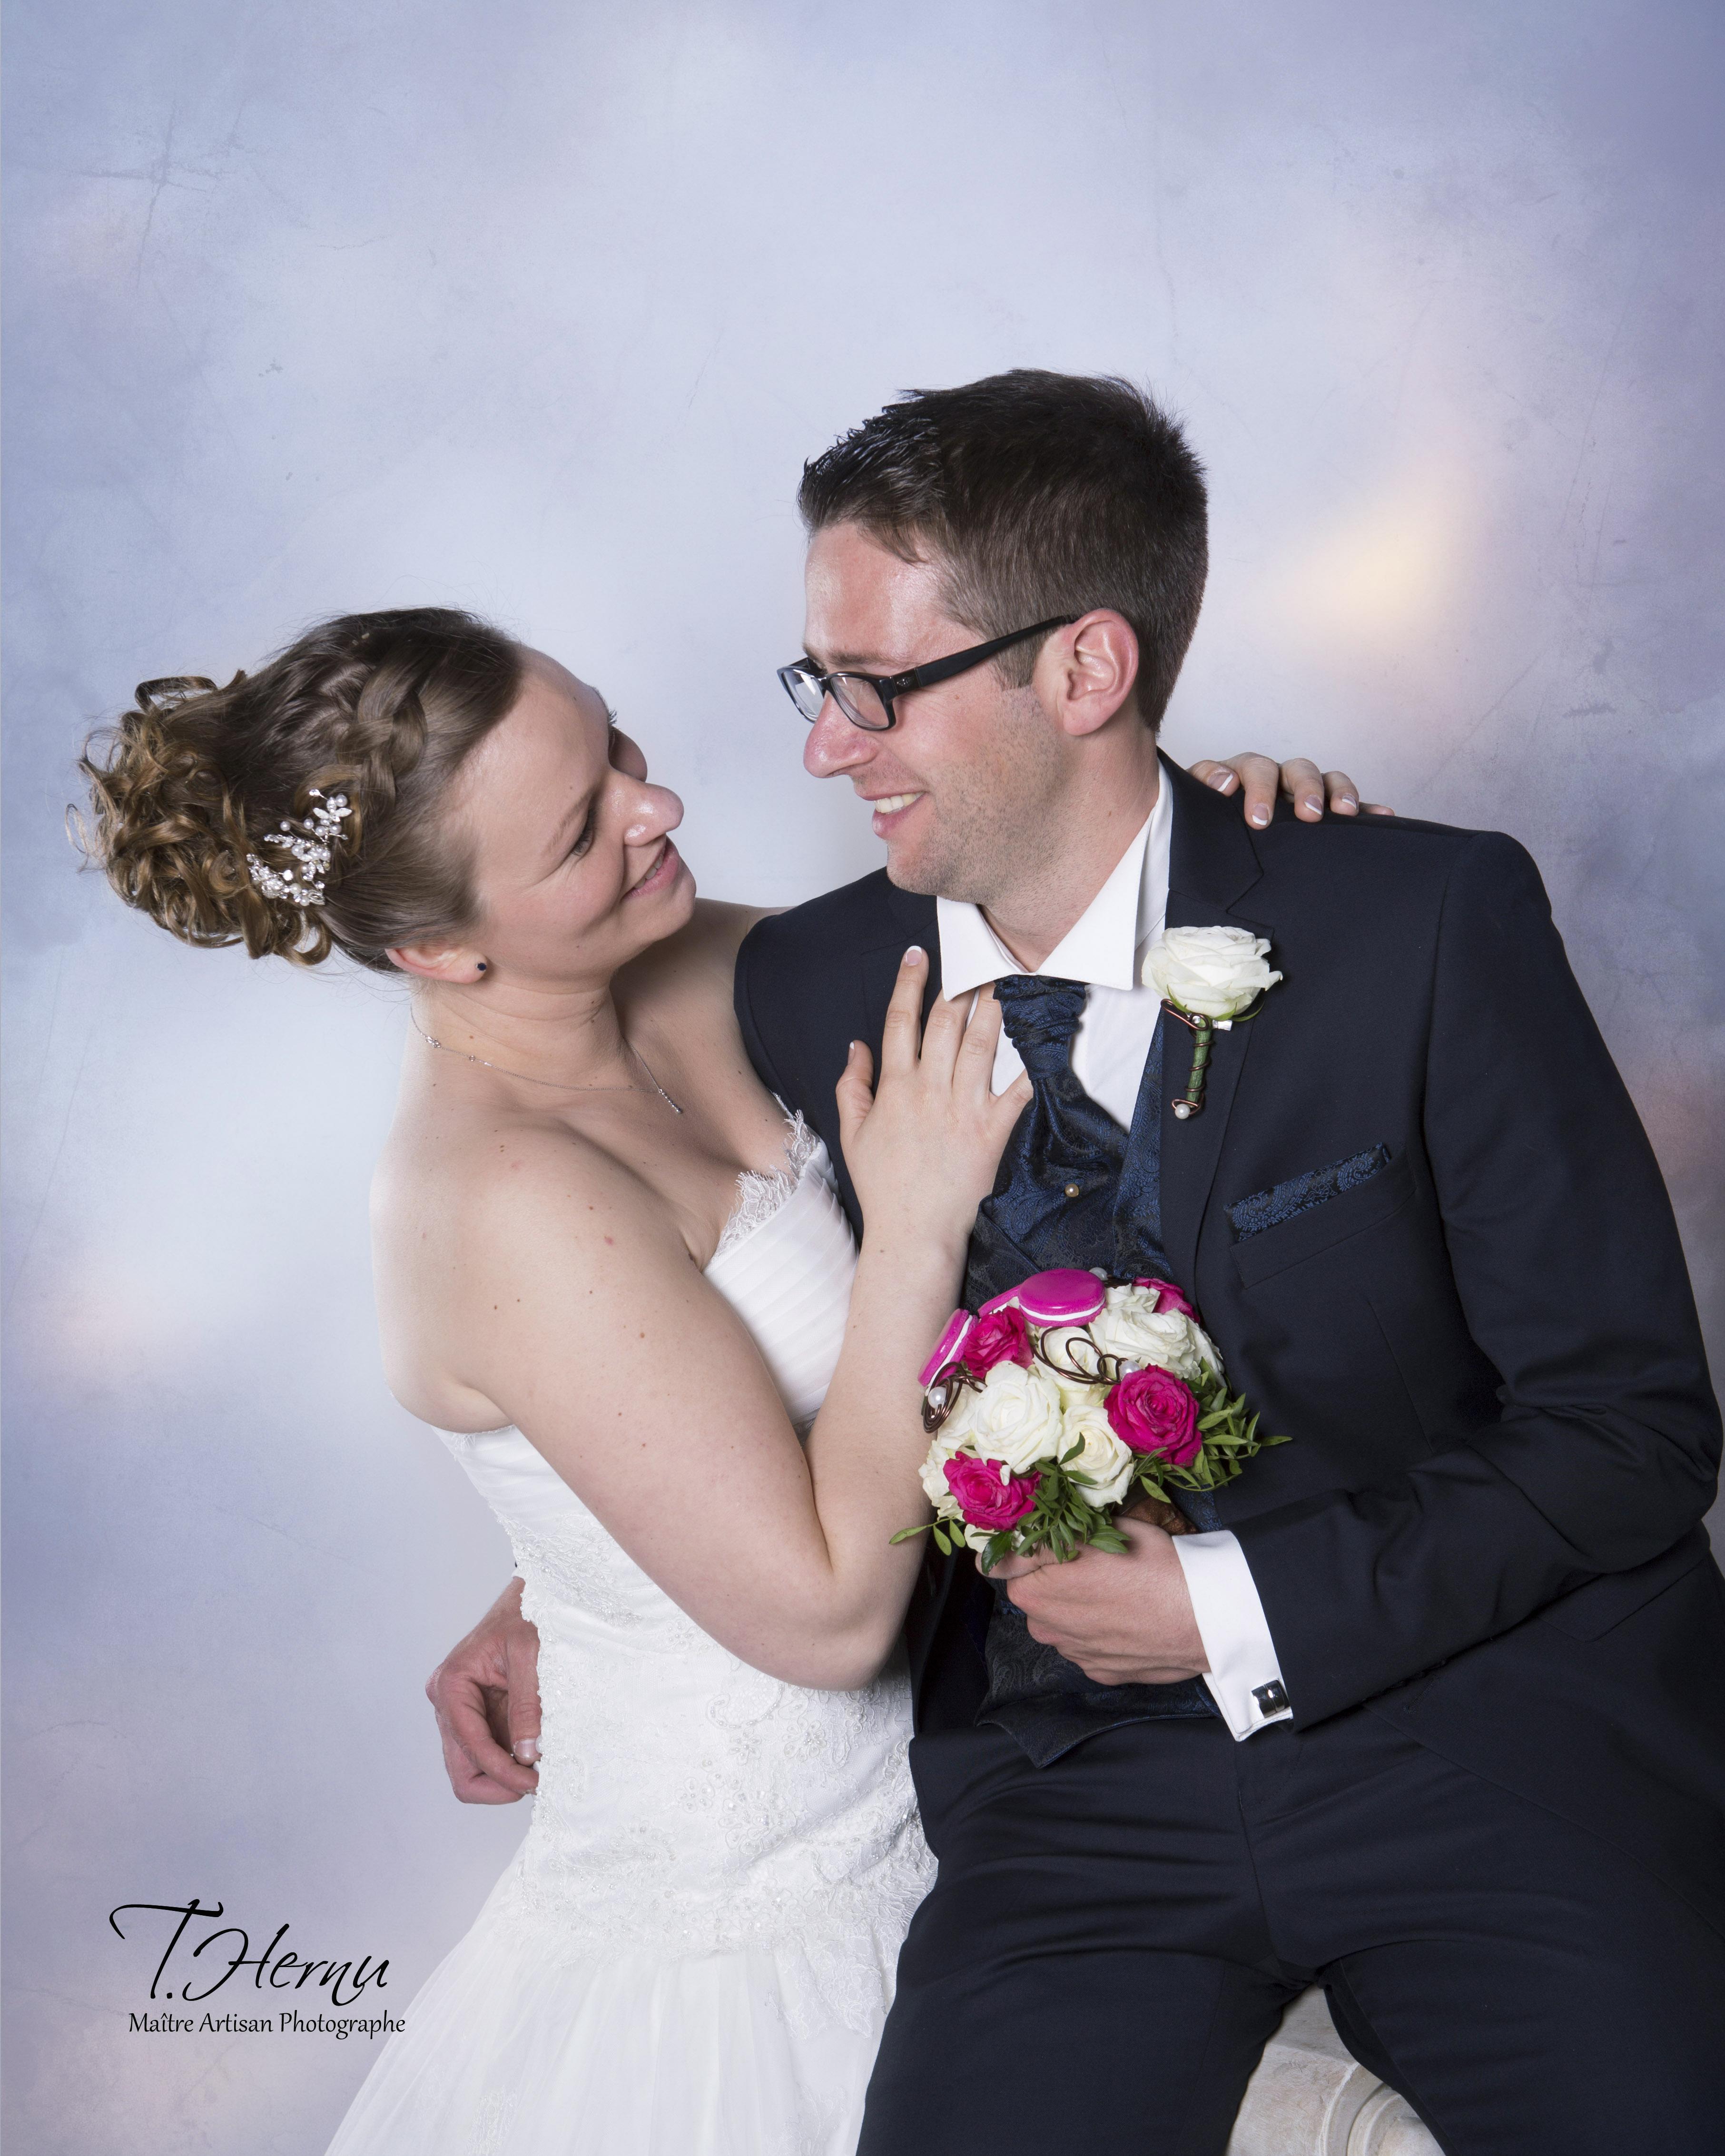 Photographe Montigny En Gohelle : photographe mariage montigny en gohelle archives espace photo montigny thierry hernu ~ Gottalentnigeria.com Avis de Voitures